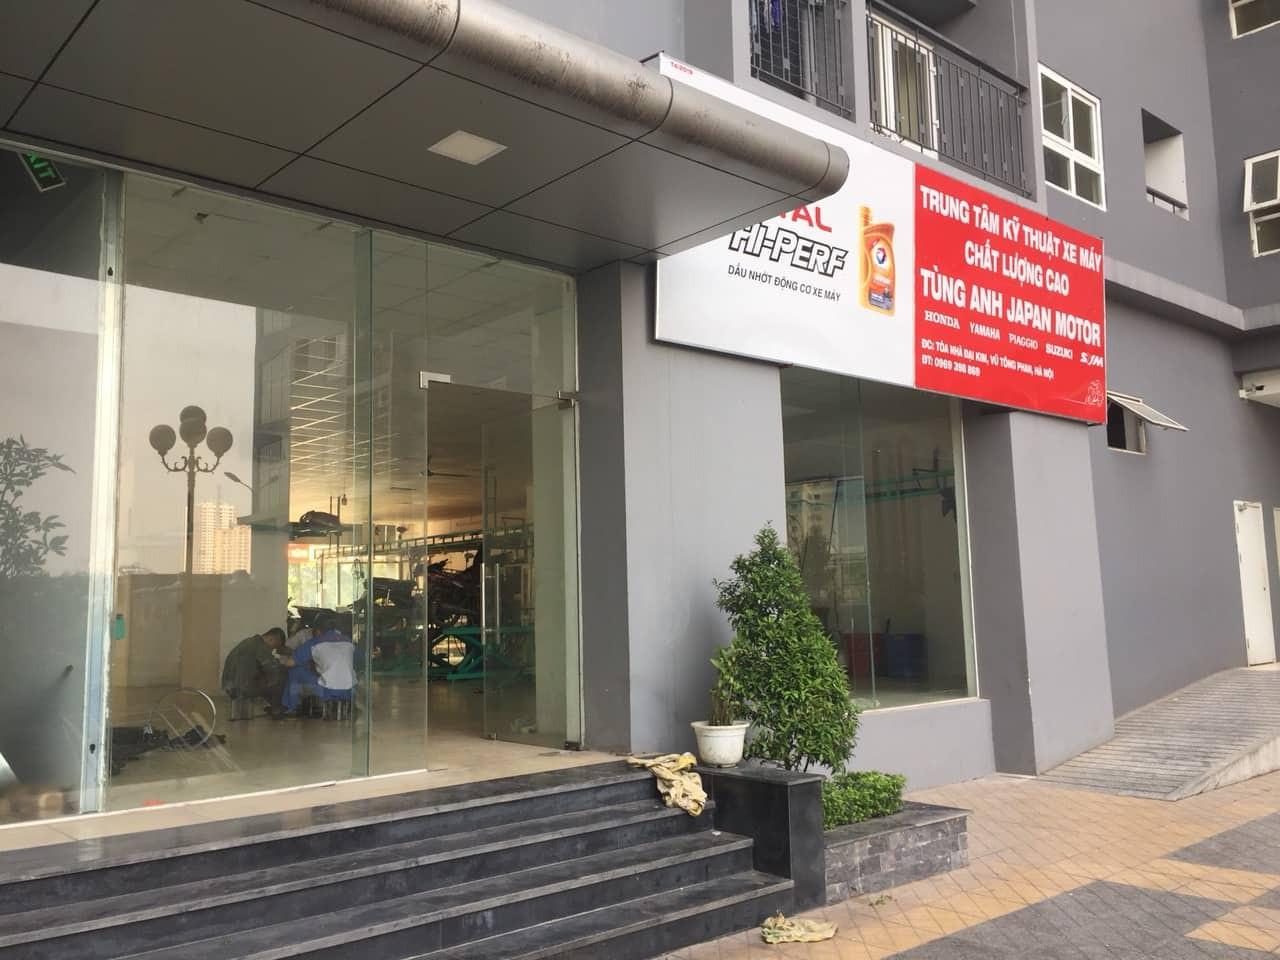 Hà Nội: Gần chục người đánh hội đồng thành viên ban quản lý chung cư Đại Kim - Ảnh 2